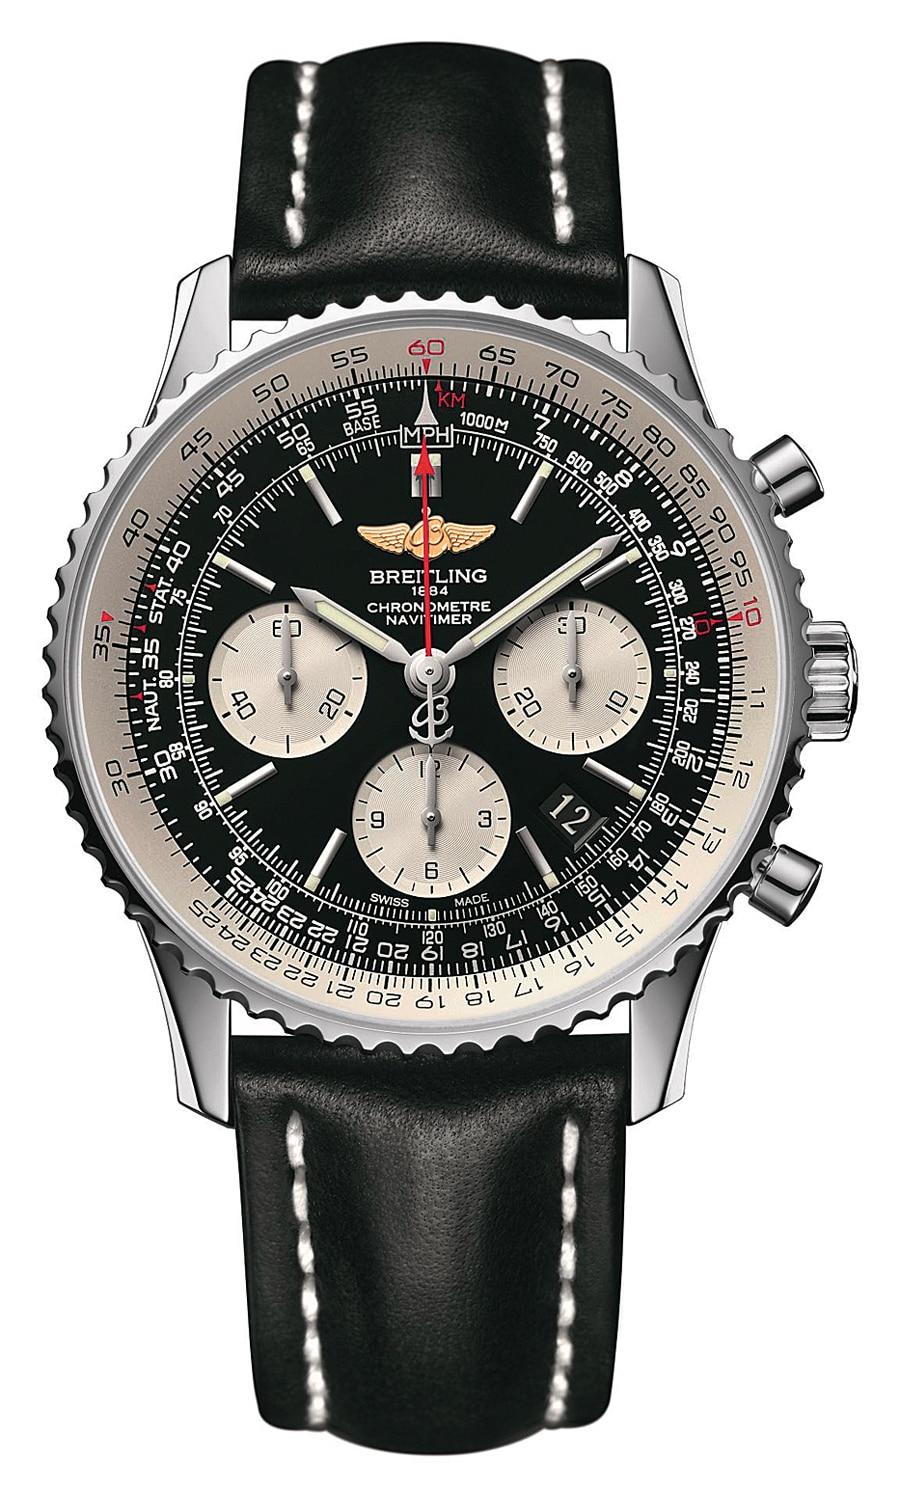 Die Beliebtesten Uhren Der Welt Watchtime Net